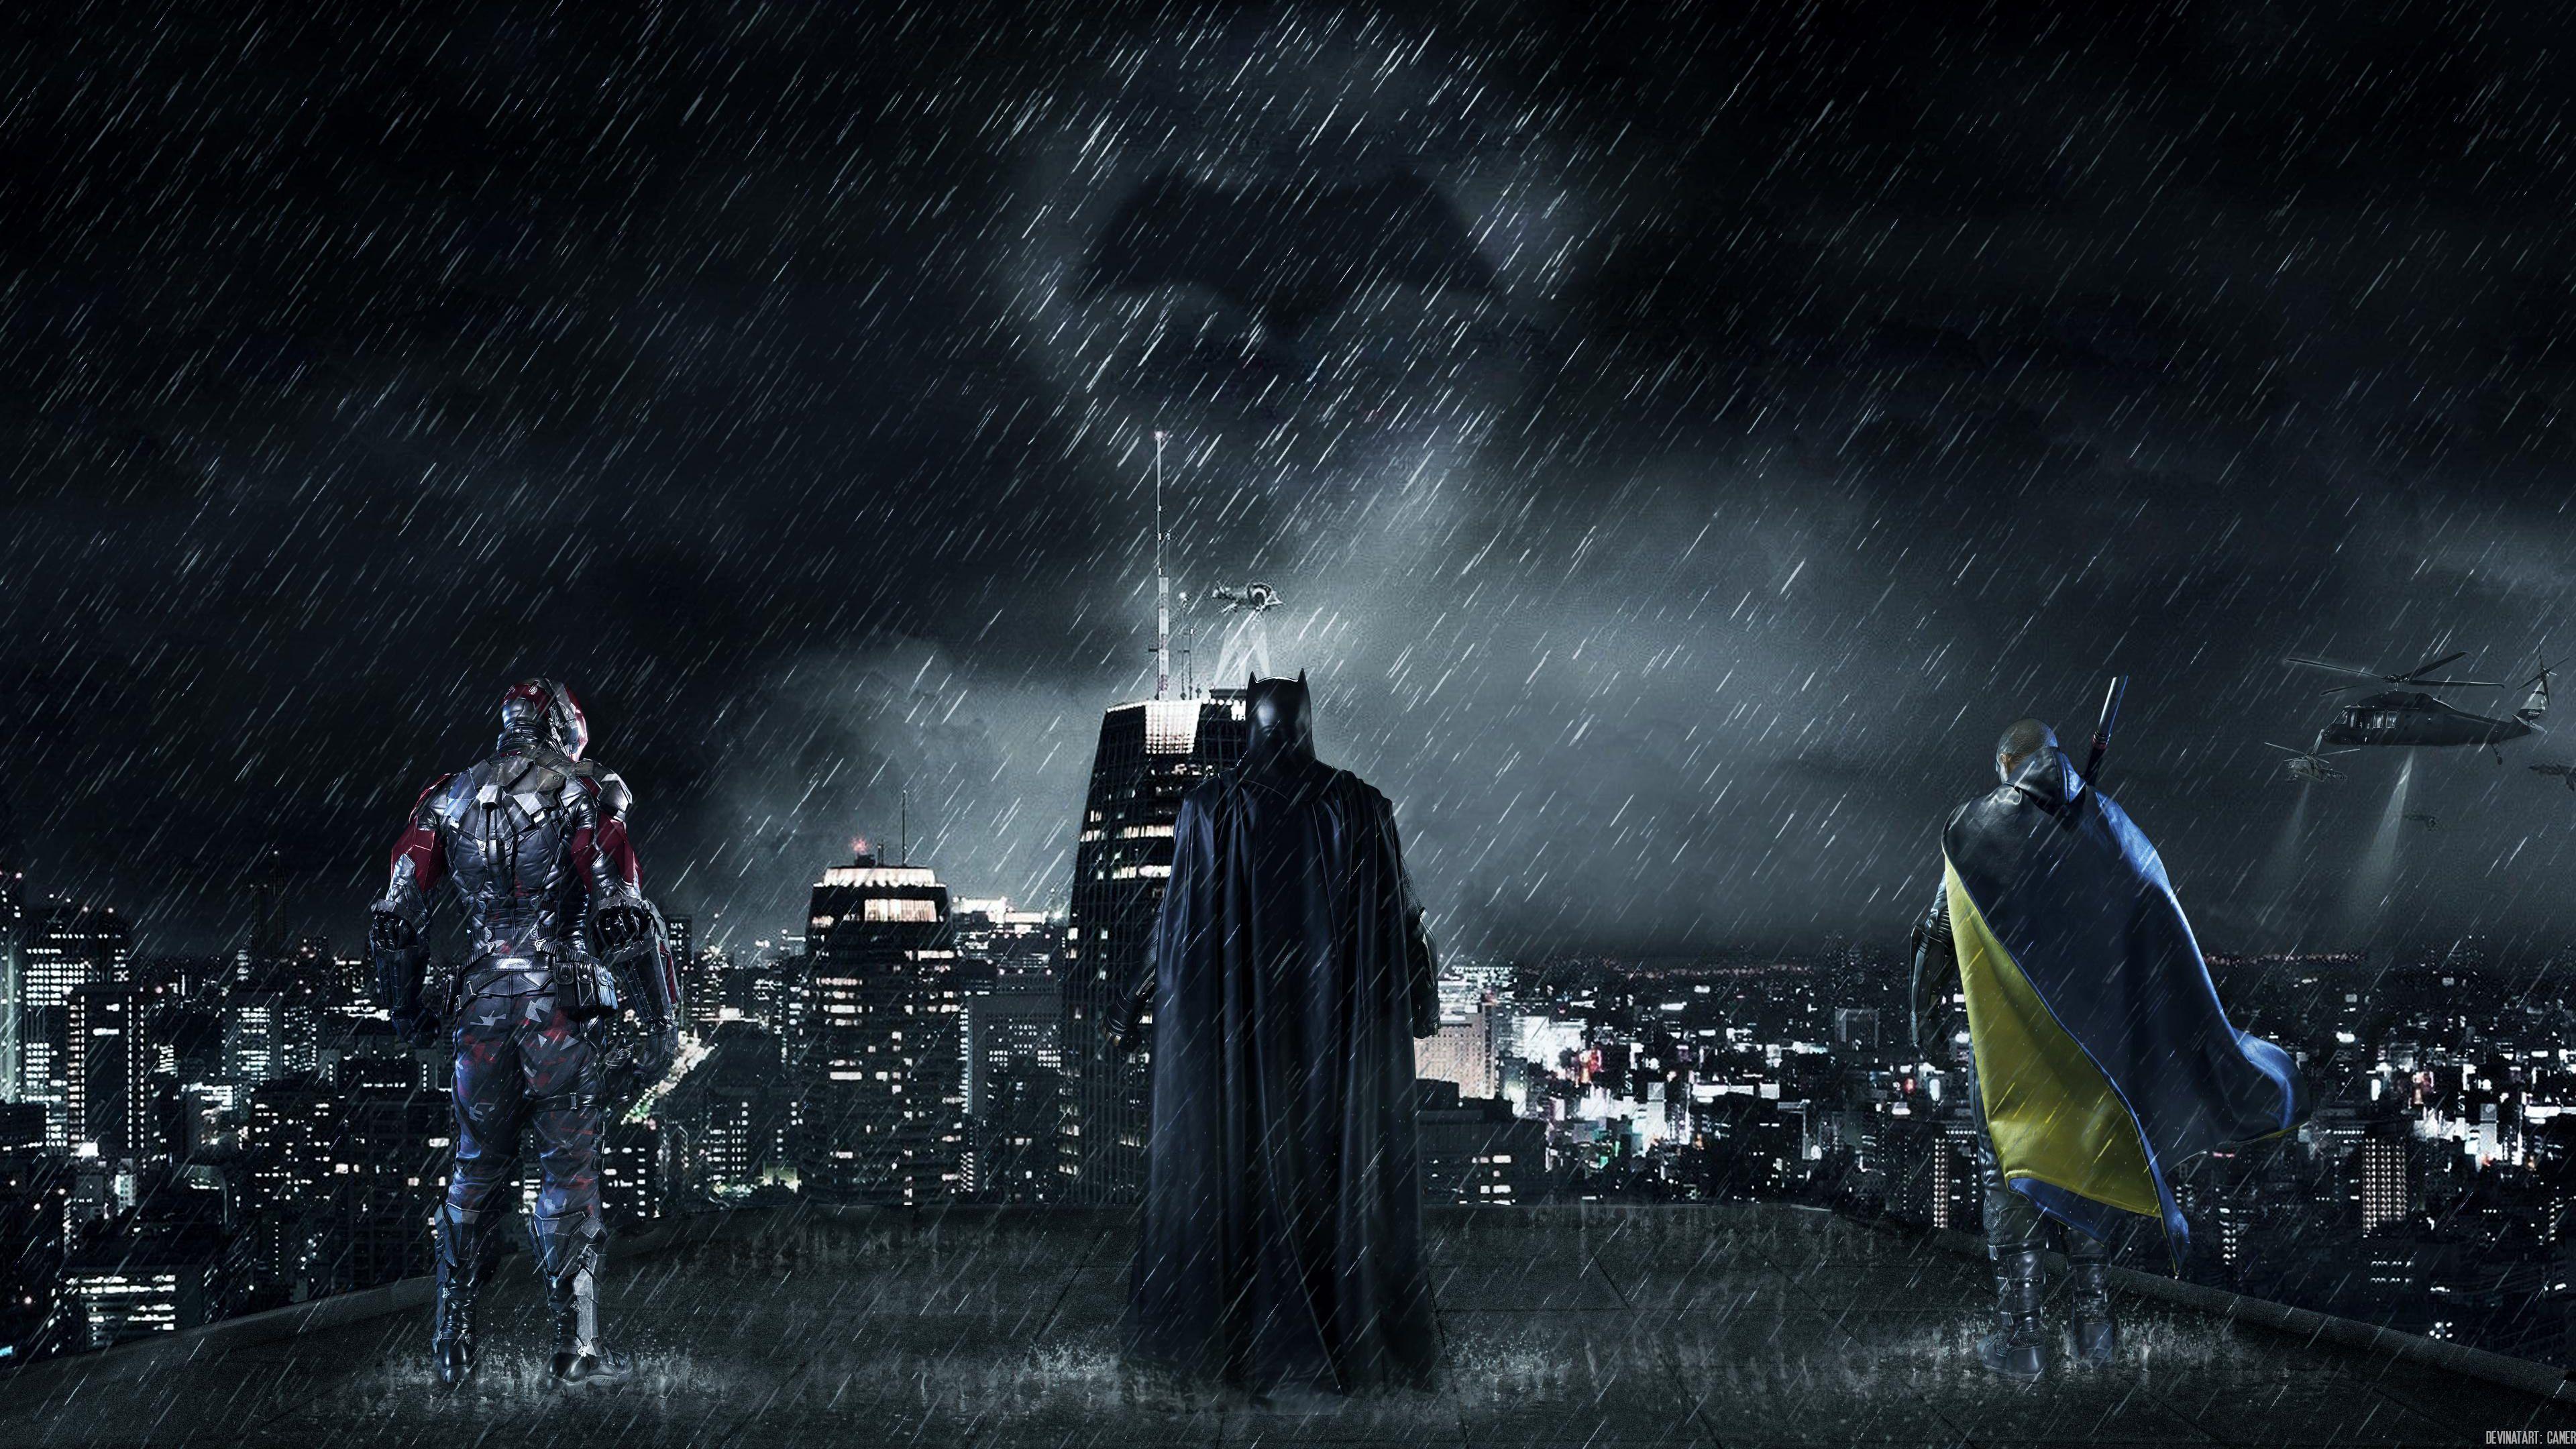 Gotham City Hd Wallpapers Wallpaper Cave